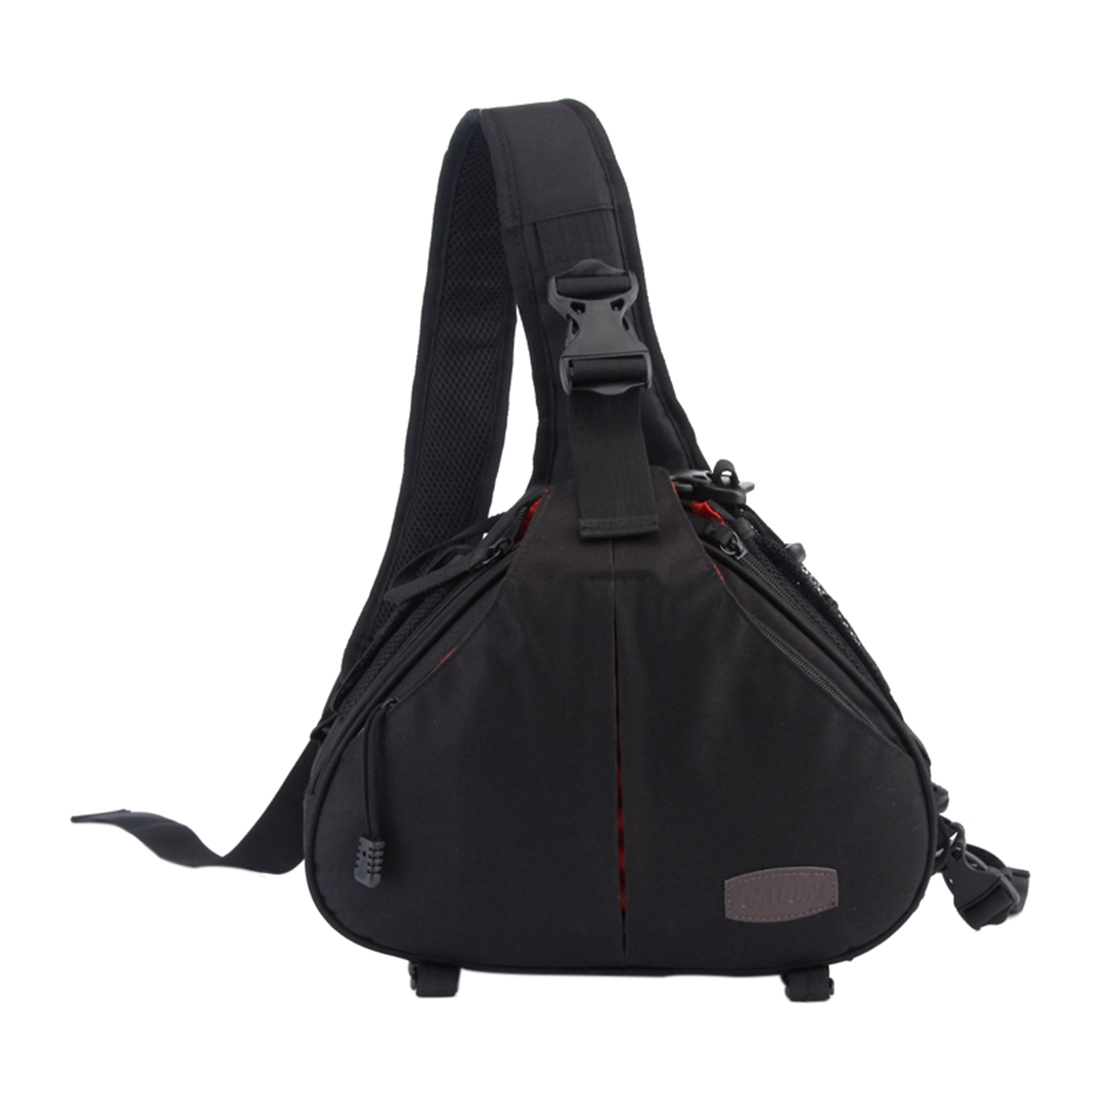 Caden K1 DSLR Camera Bag Case Messenger Shoulder Bag Black for Canon Nikon CS